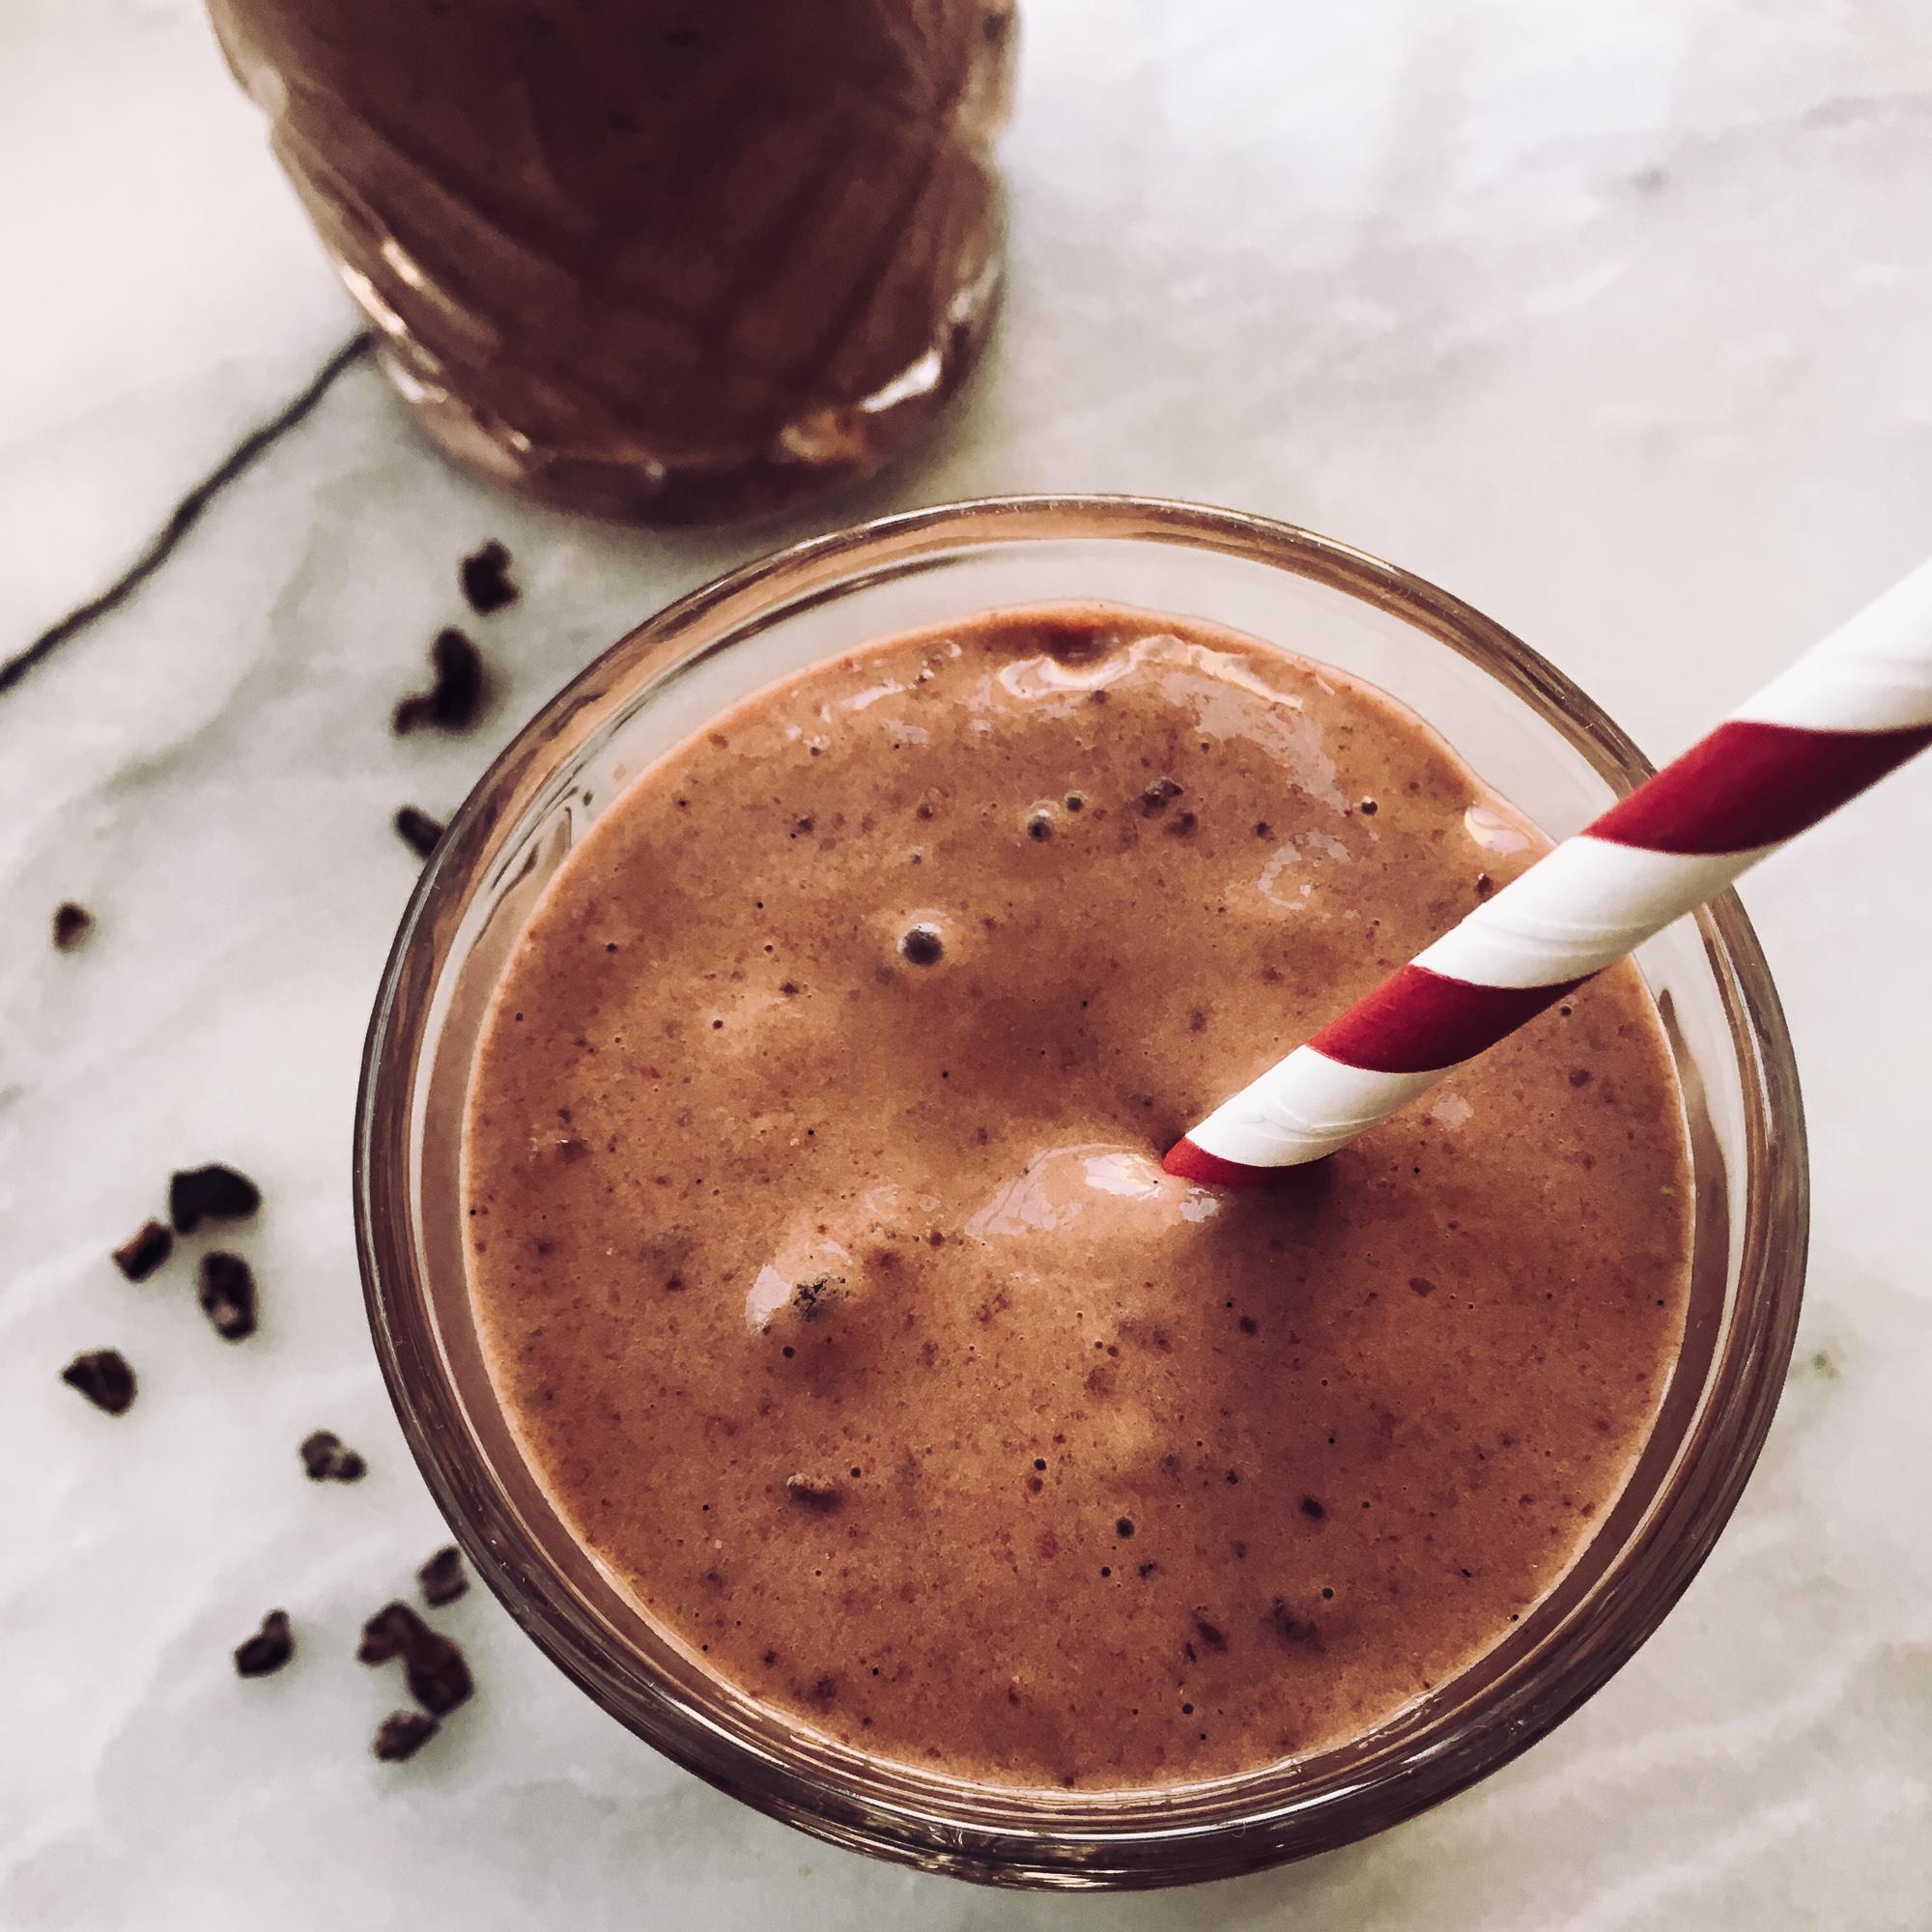 chocolate-shake-avocado-strawberries